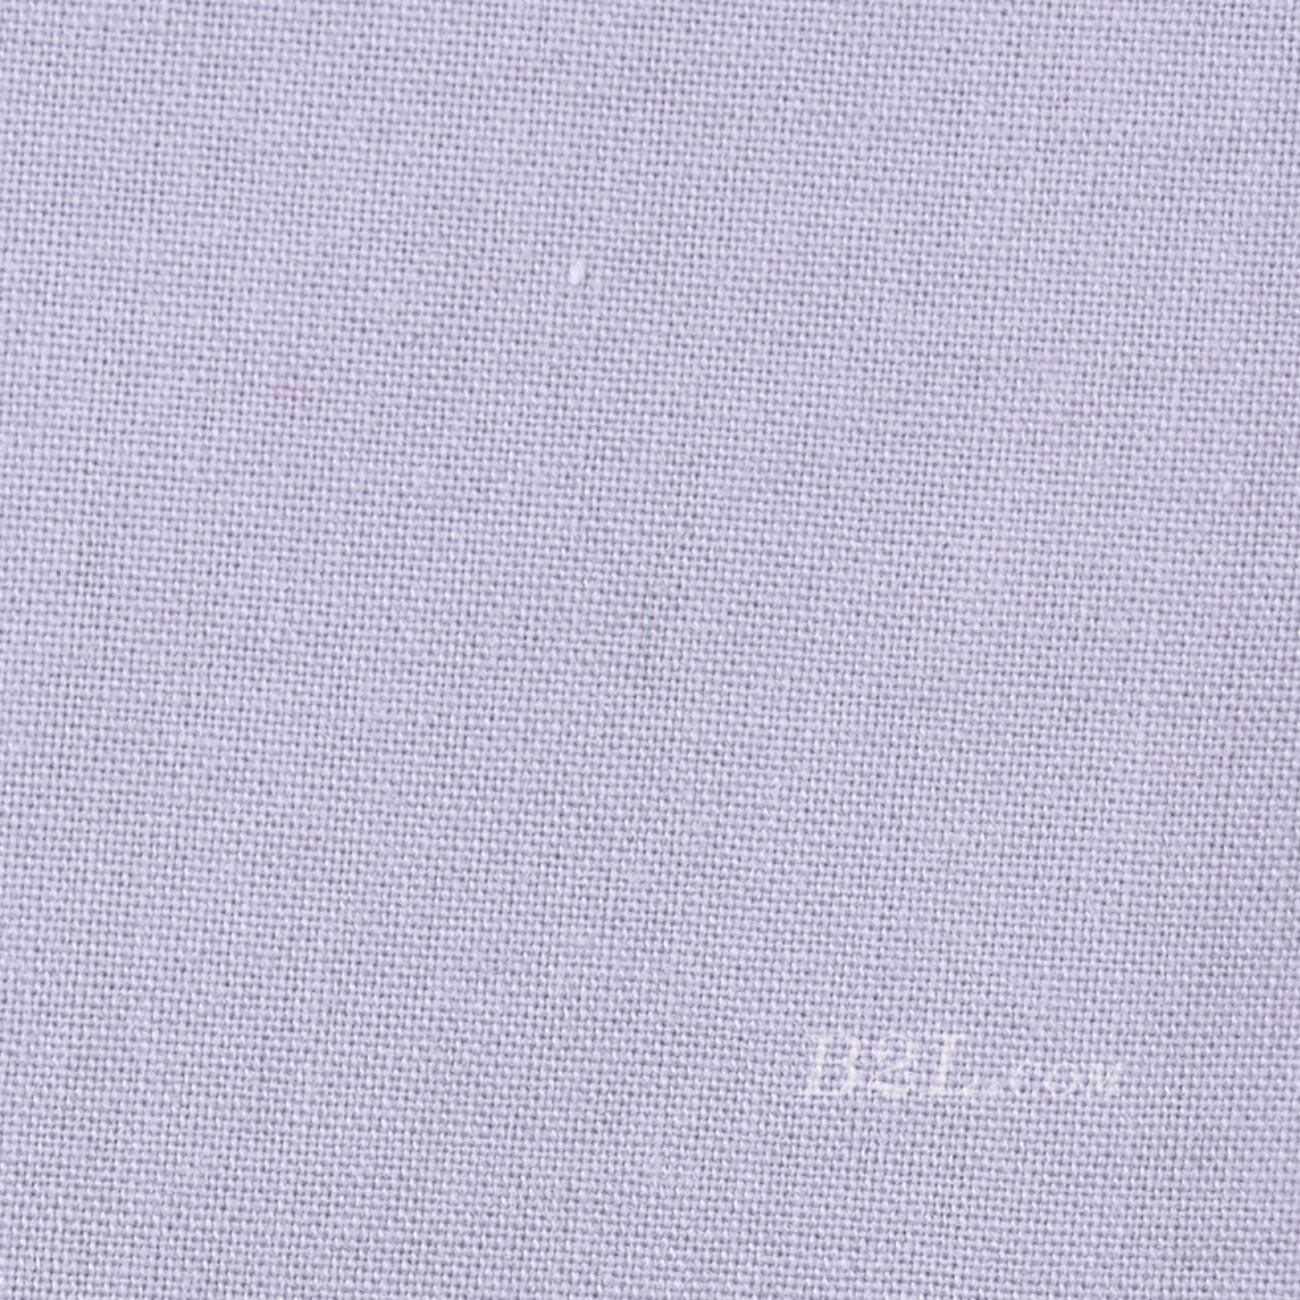 素色 梭织 染色 无弹 连衣裙 衬衫 柔软 细腻 棉感 女装 春夏 71116-41